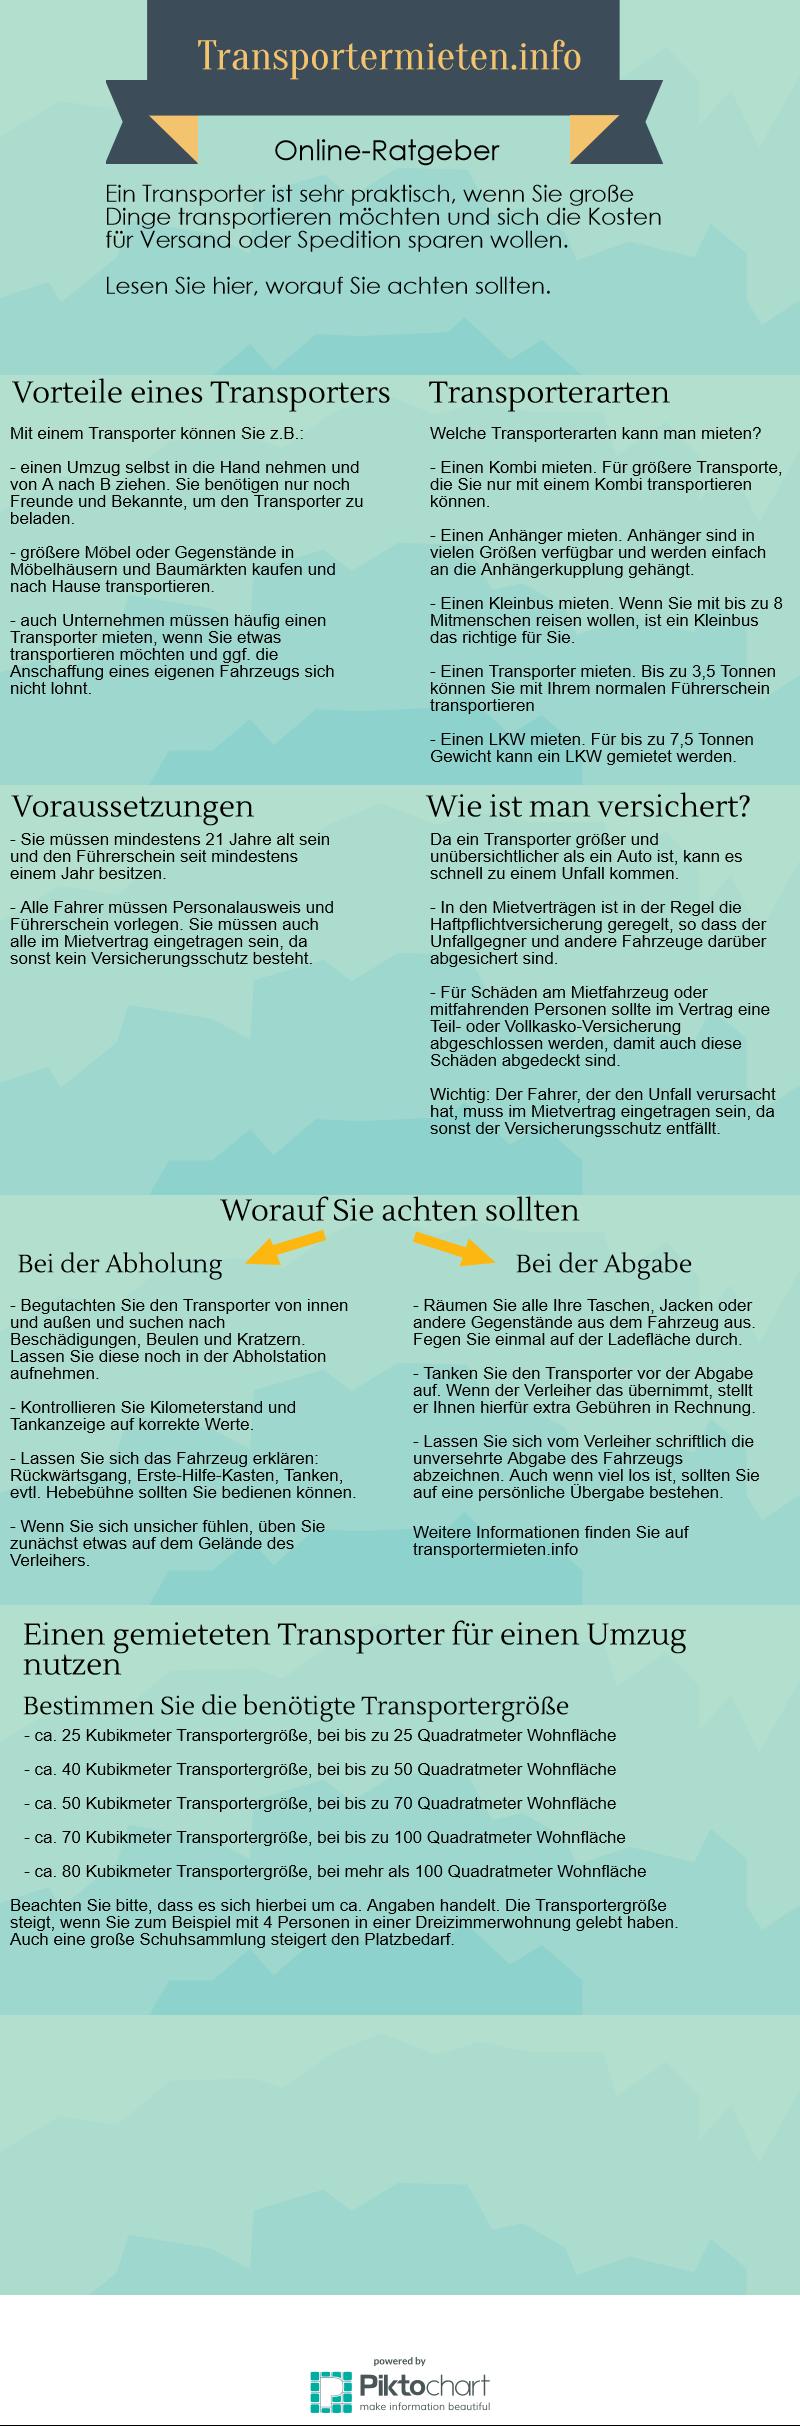 Infografik - Ratgeber zum Thema Transporter mieten. Auf was achten, wer kann mieten, etc.